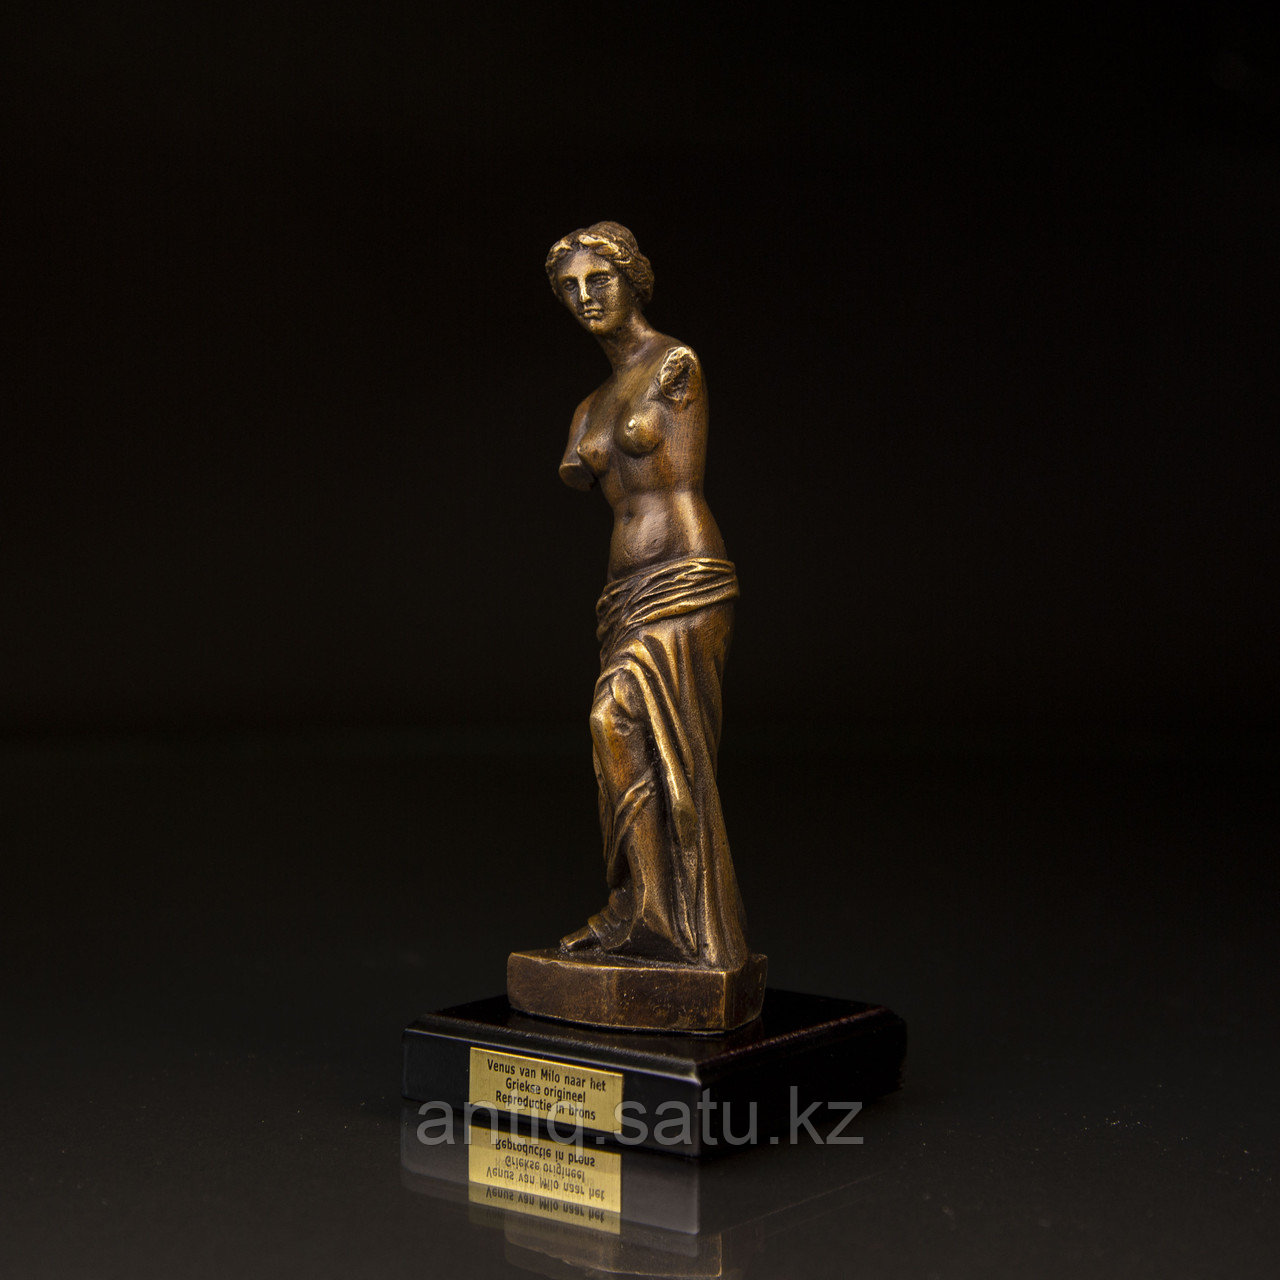 Коллекционная миниатюра «Венера Милосская». Бронза, литье Имеется сертификат. Франция. Конец ХХ века. - фото 4